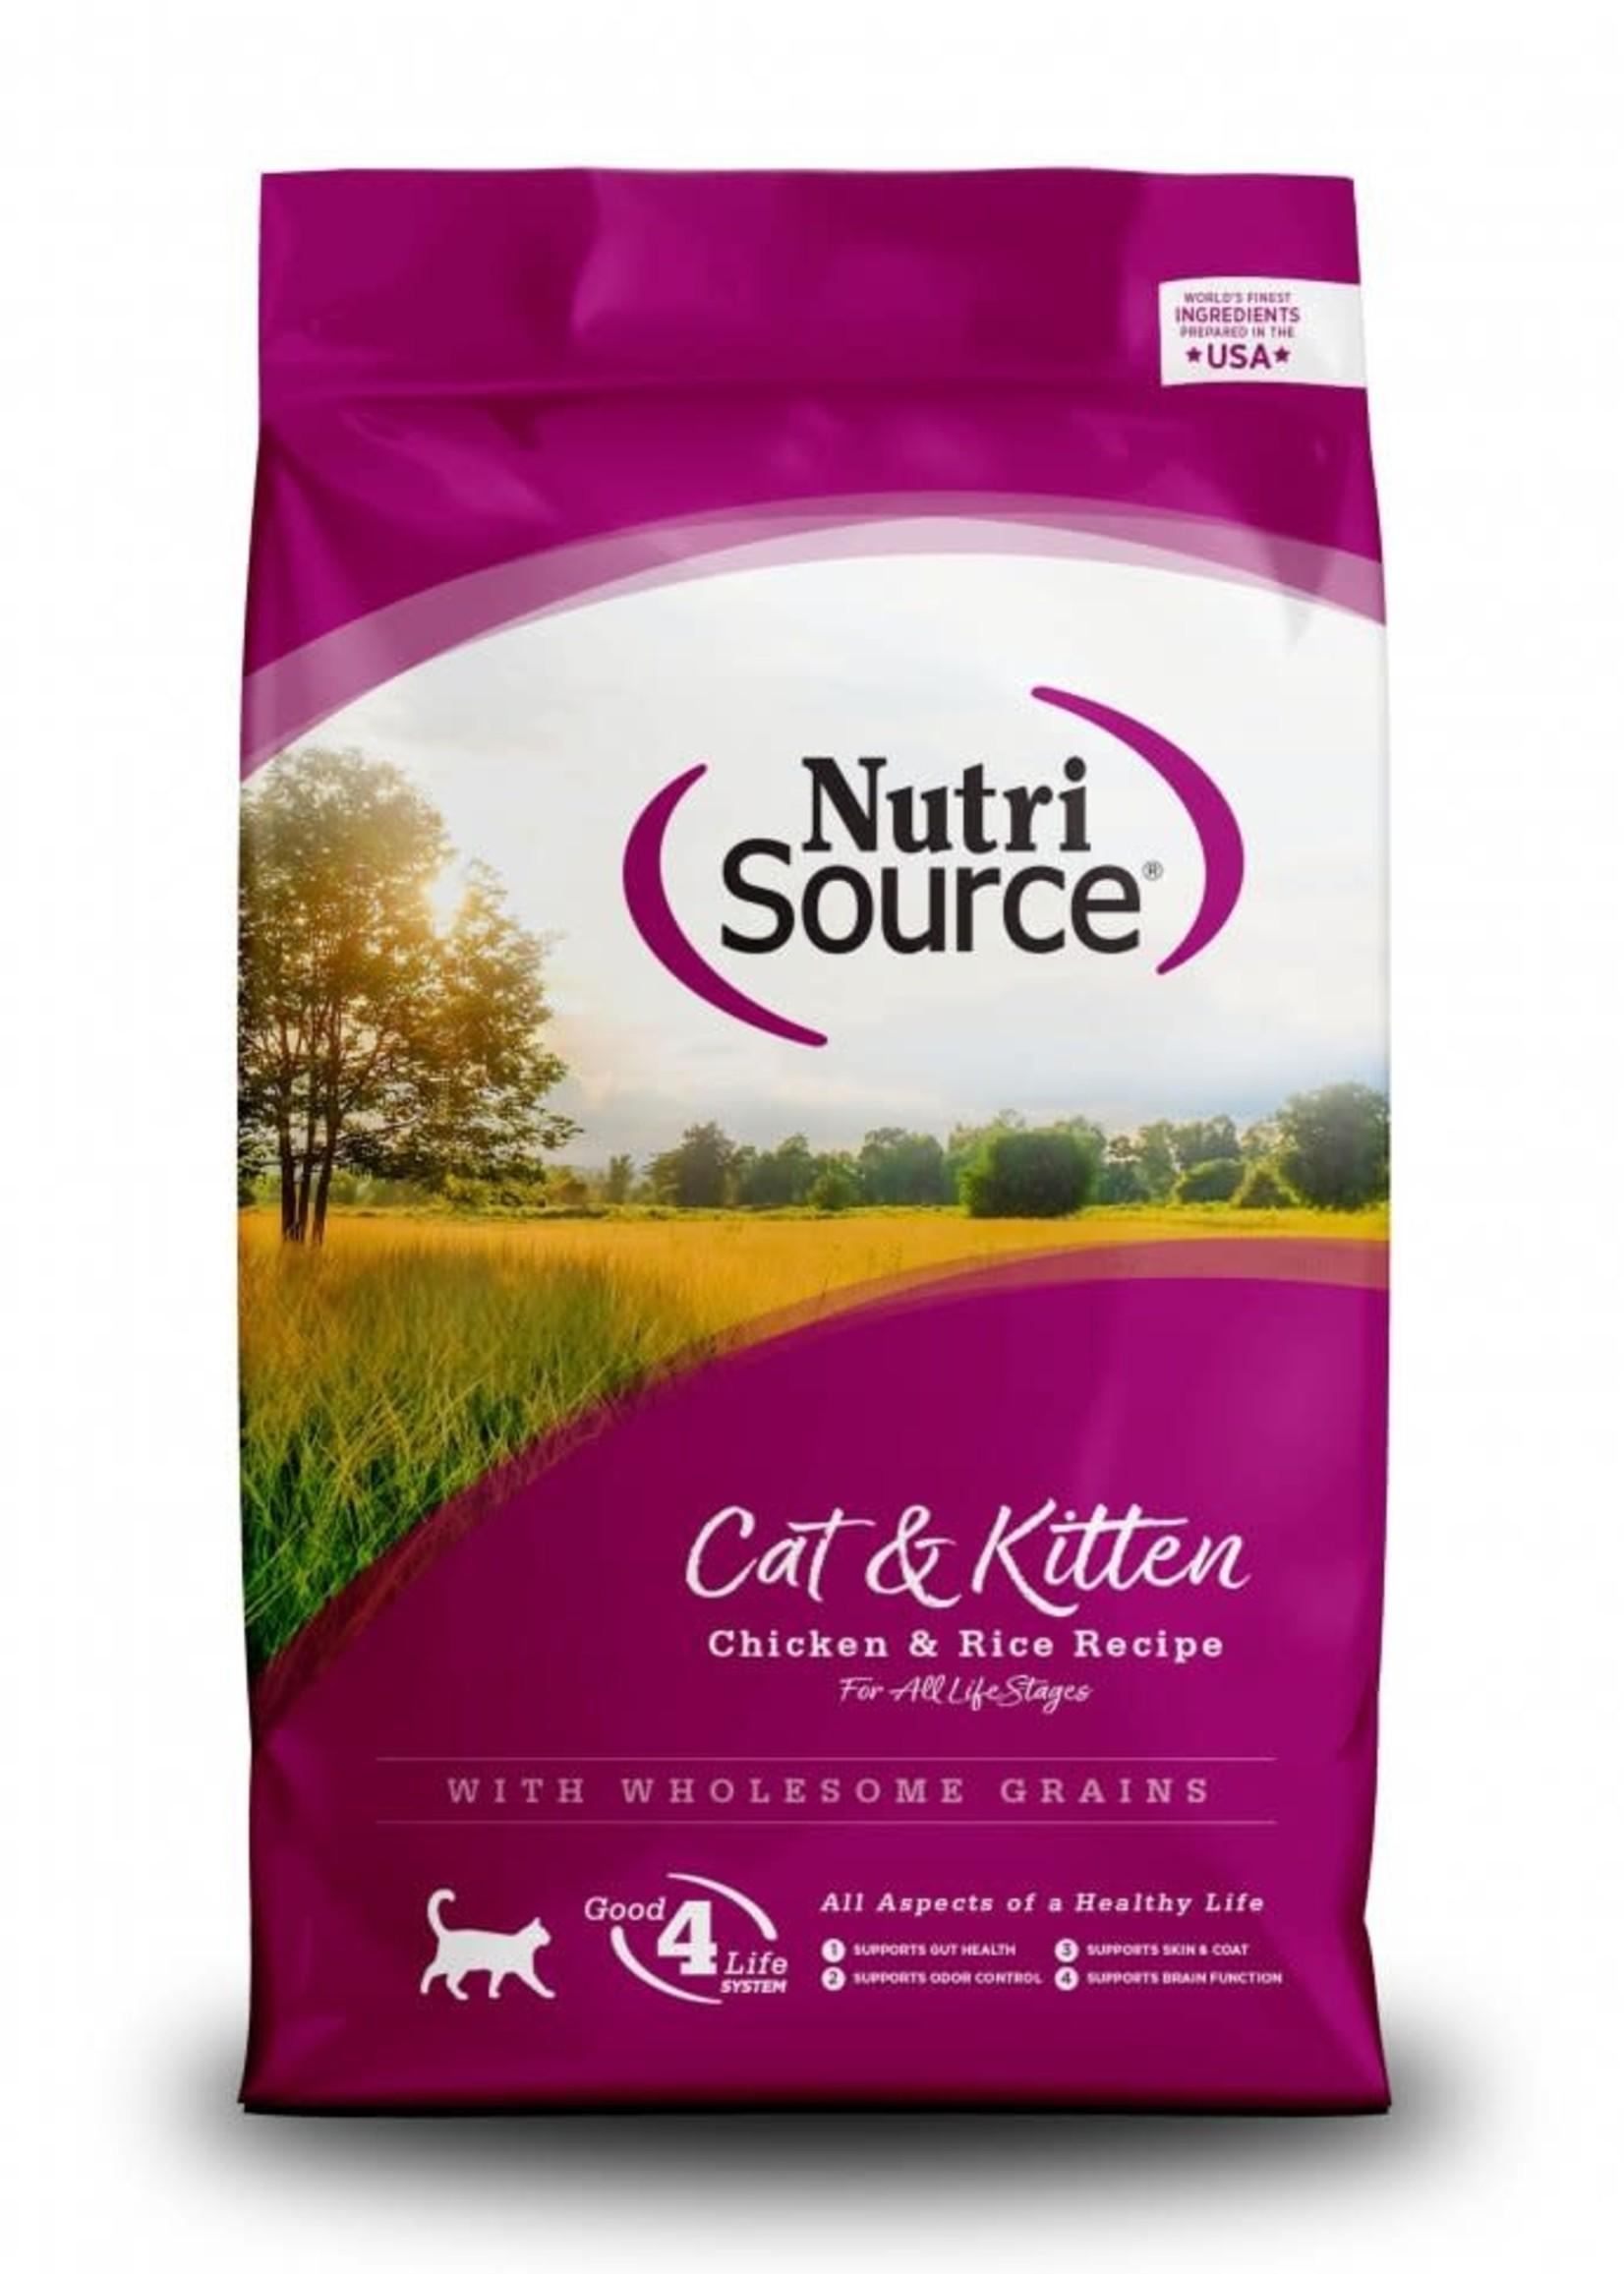 Nutrisource NutriSource Cat & Kitten Dry Cat Food 1.5lbs